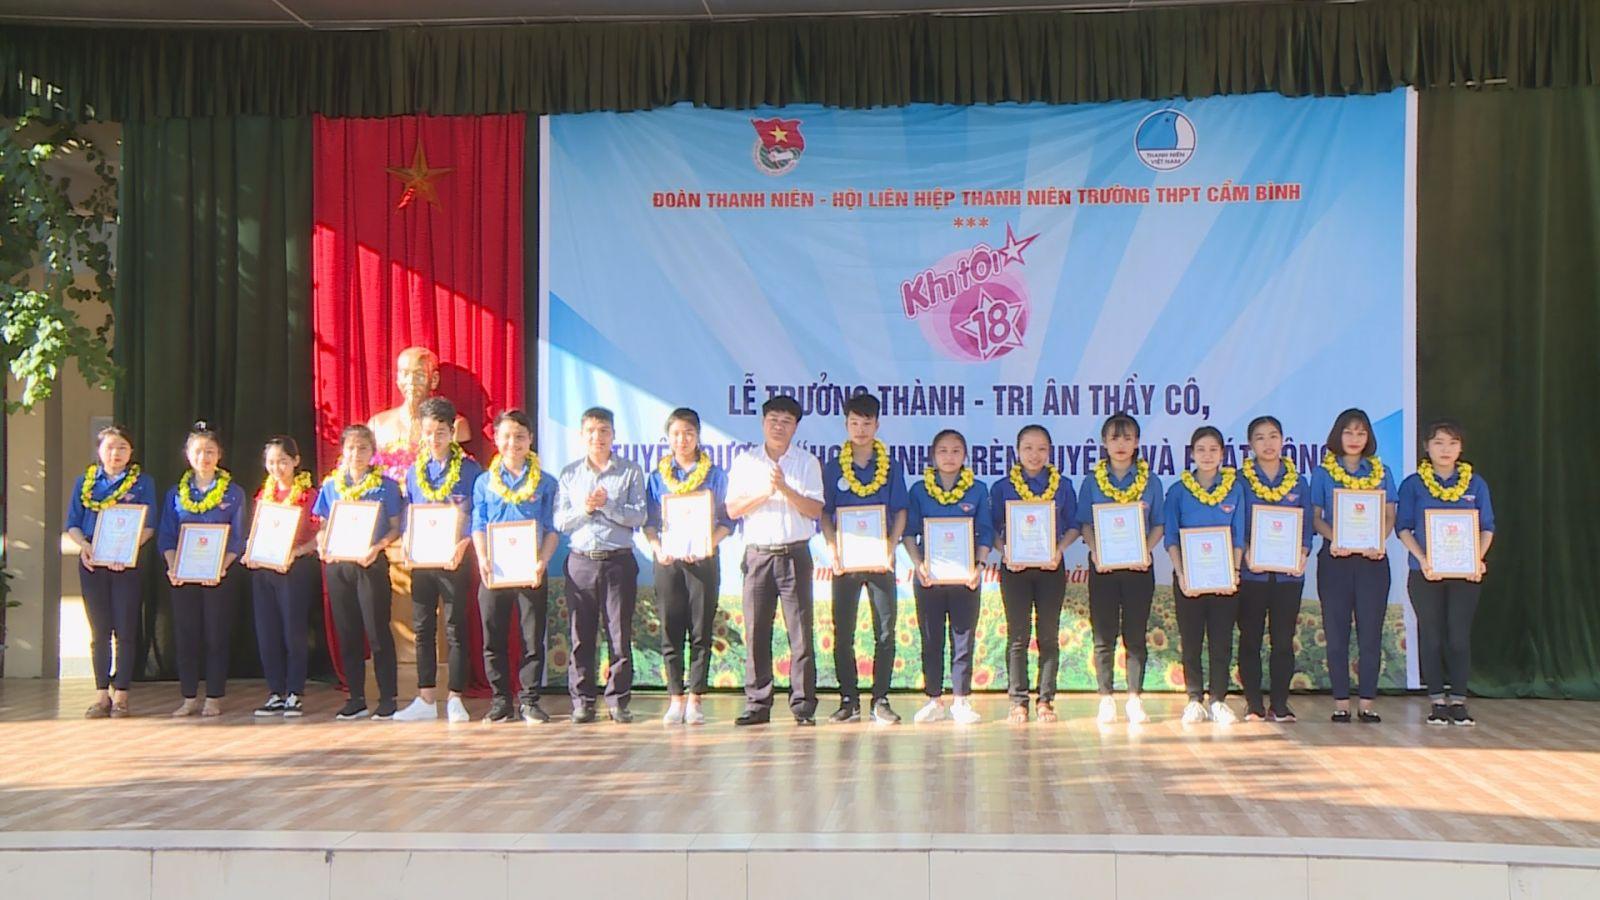 """Đoàn trường PTTH Cẩm Bình tổ chức Ngày hội khi tôi 18, phát động chiến dịch tình nguyện """"hoa phượng đỏ"""""""